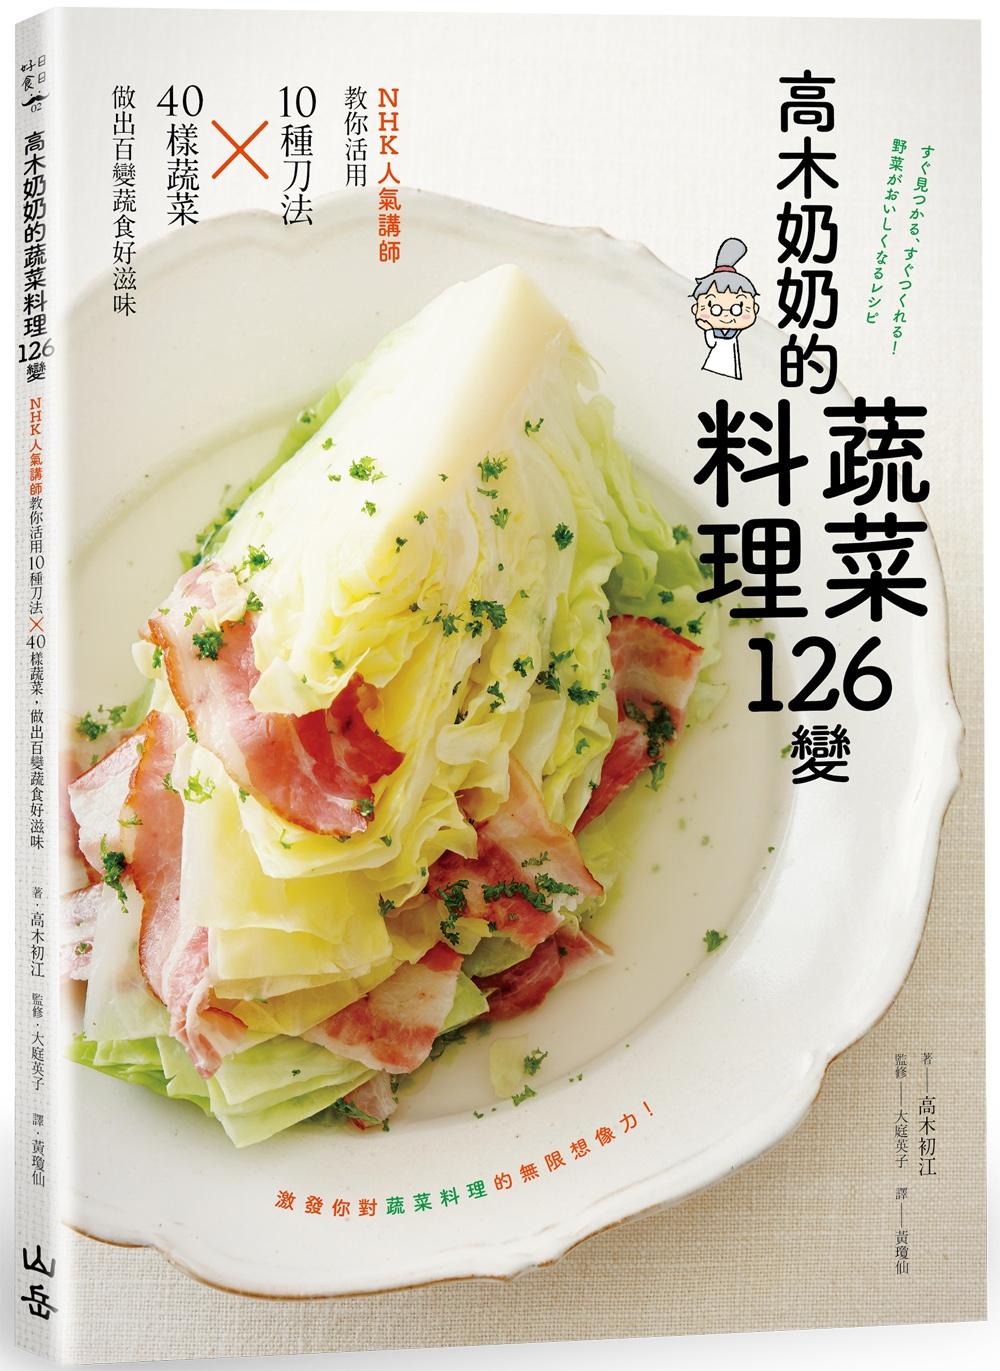 高木奶奶的蔬菜料理126變:NHK人氣講師教你活用10種刀法╳40樣蔬菜,做出百變蔬食好滋味